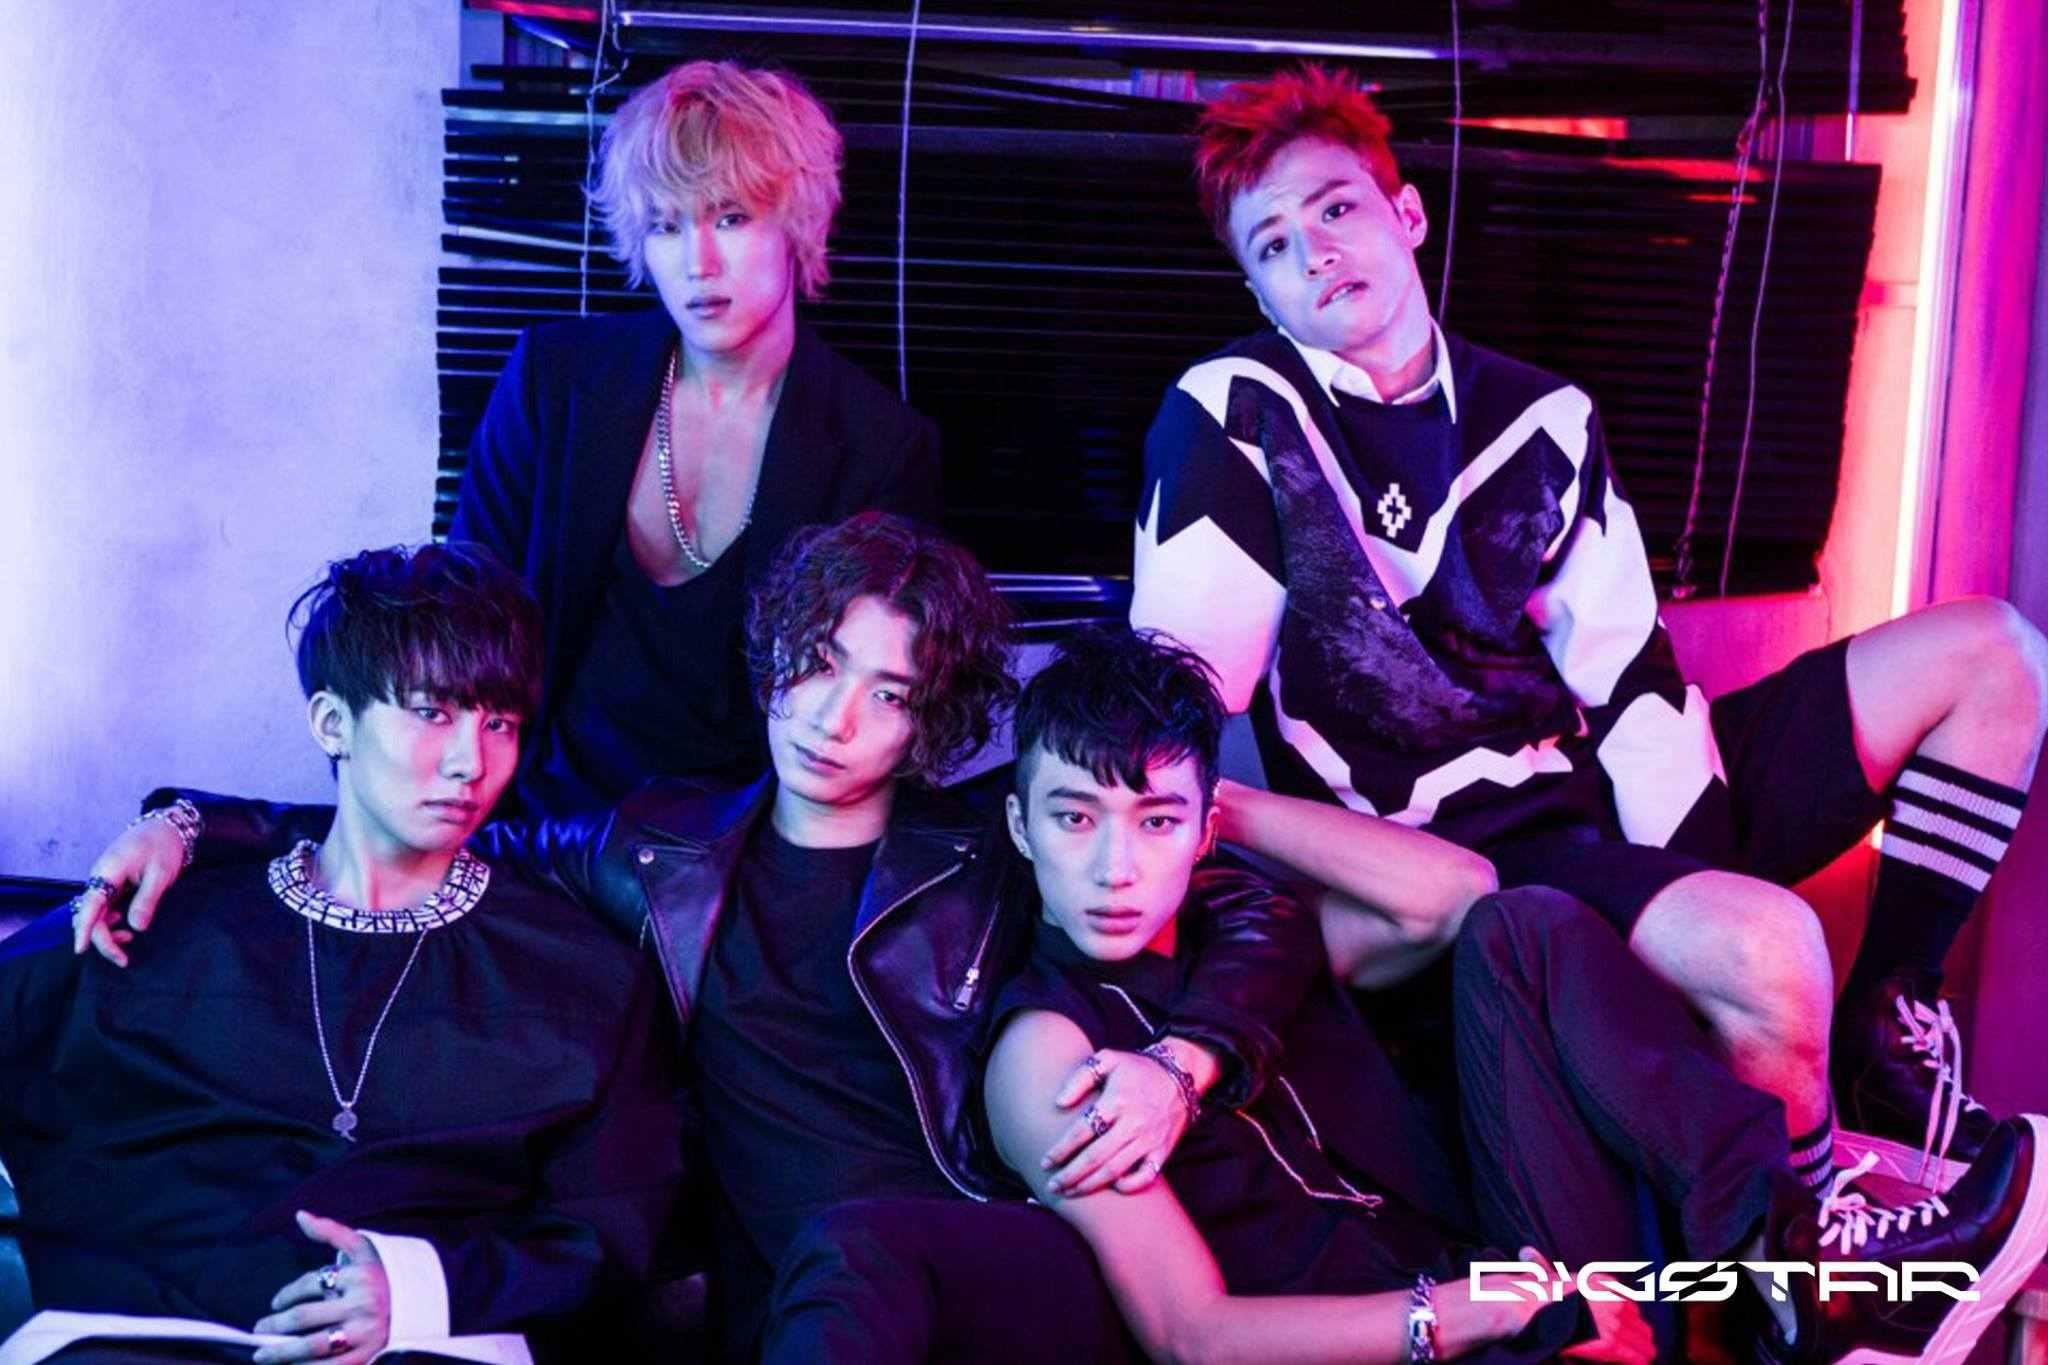 這一團名叫「BIGSTAR」的5人男團,其實2012年夏天就出道啦!算一算跟EXID同年出道,但是EXID熬出頭~這一團還沒啊....